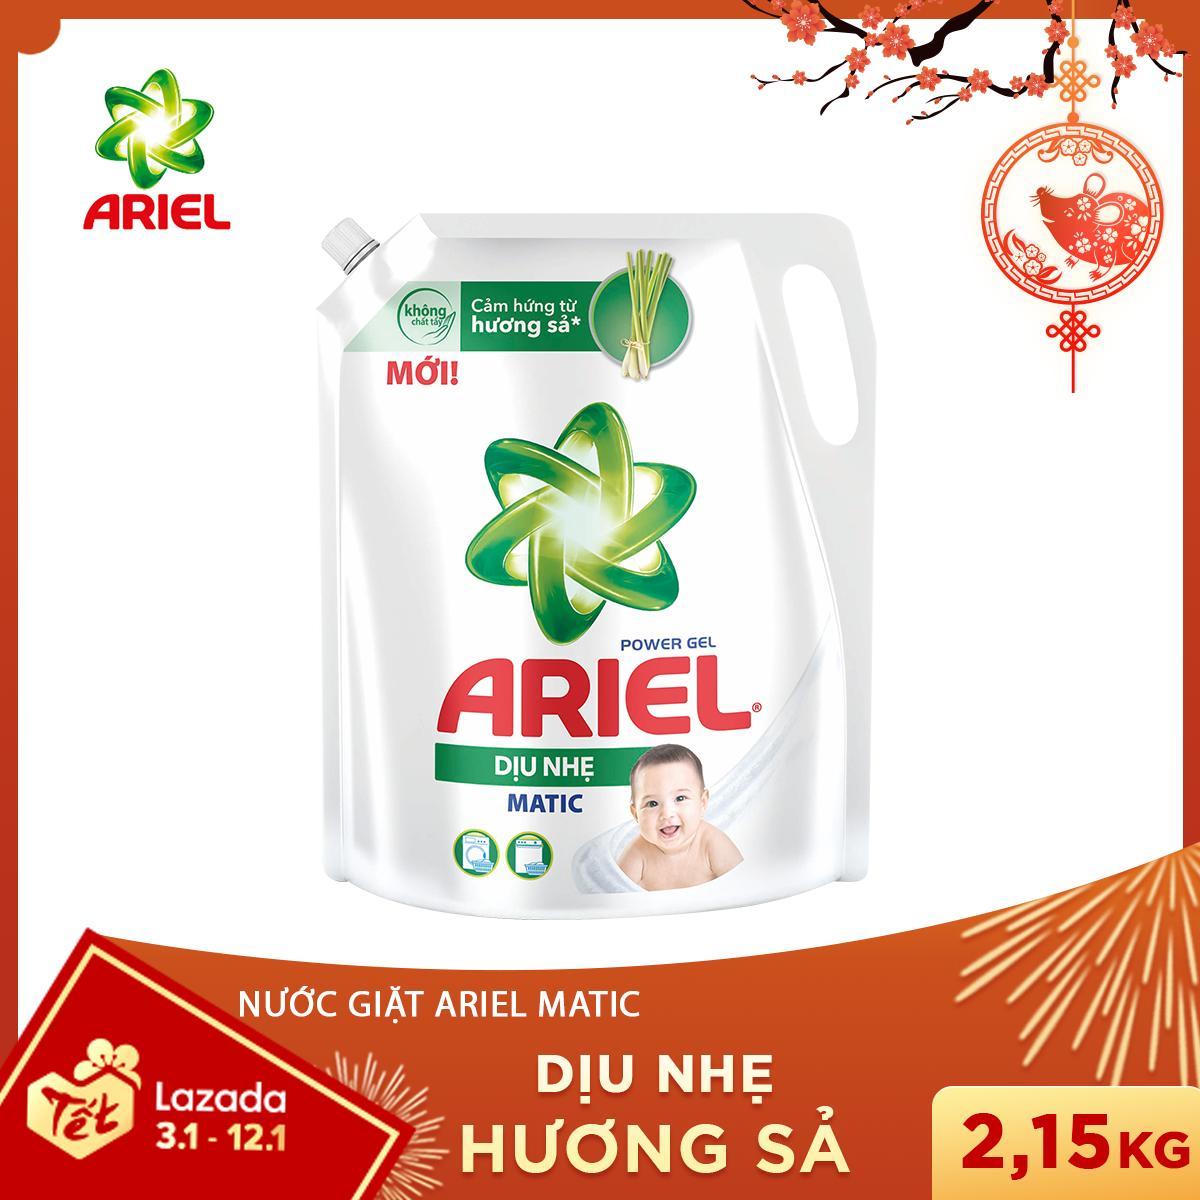 Nước Giặt Ariel Dịu Nhẹ Hương Sả Dạng Túi 2.15KG